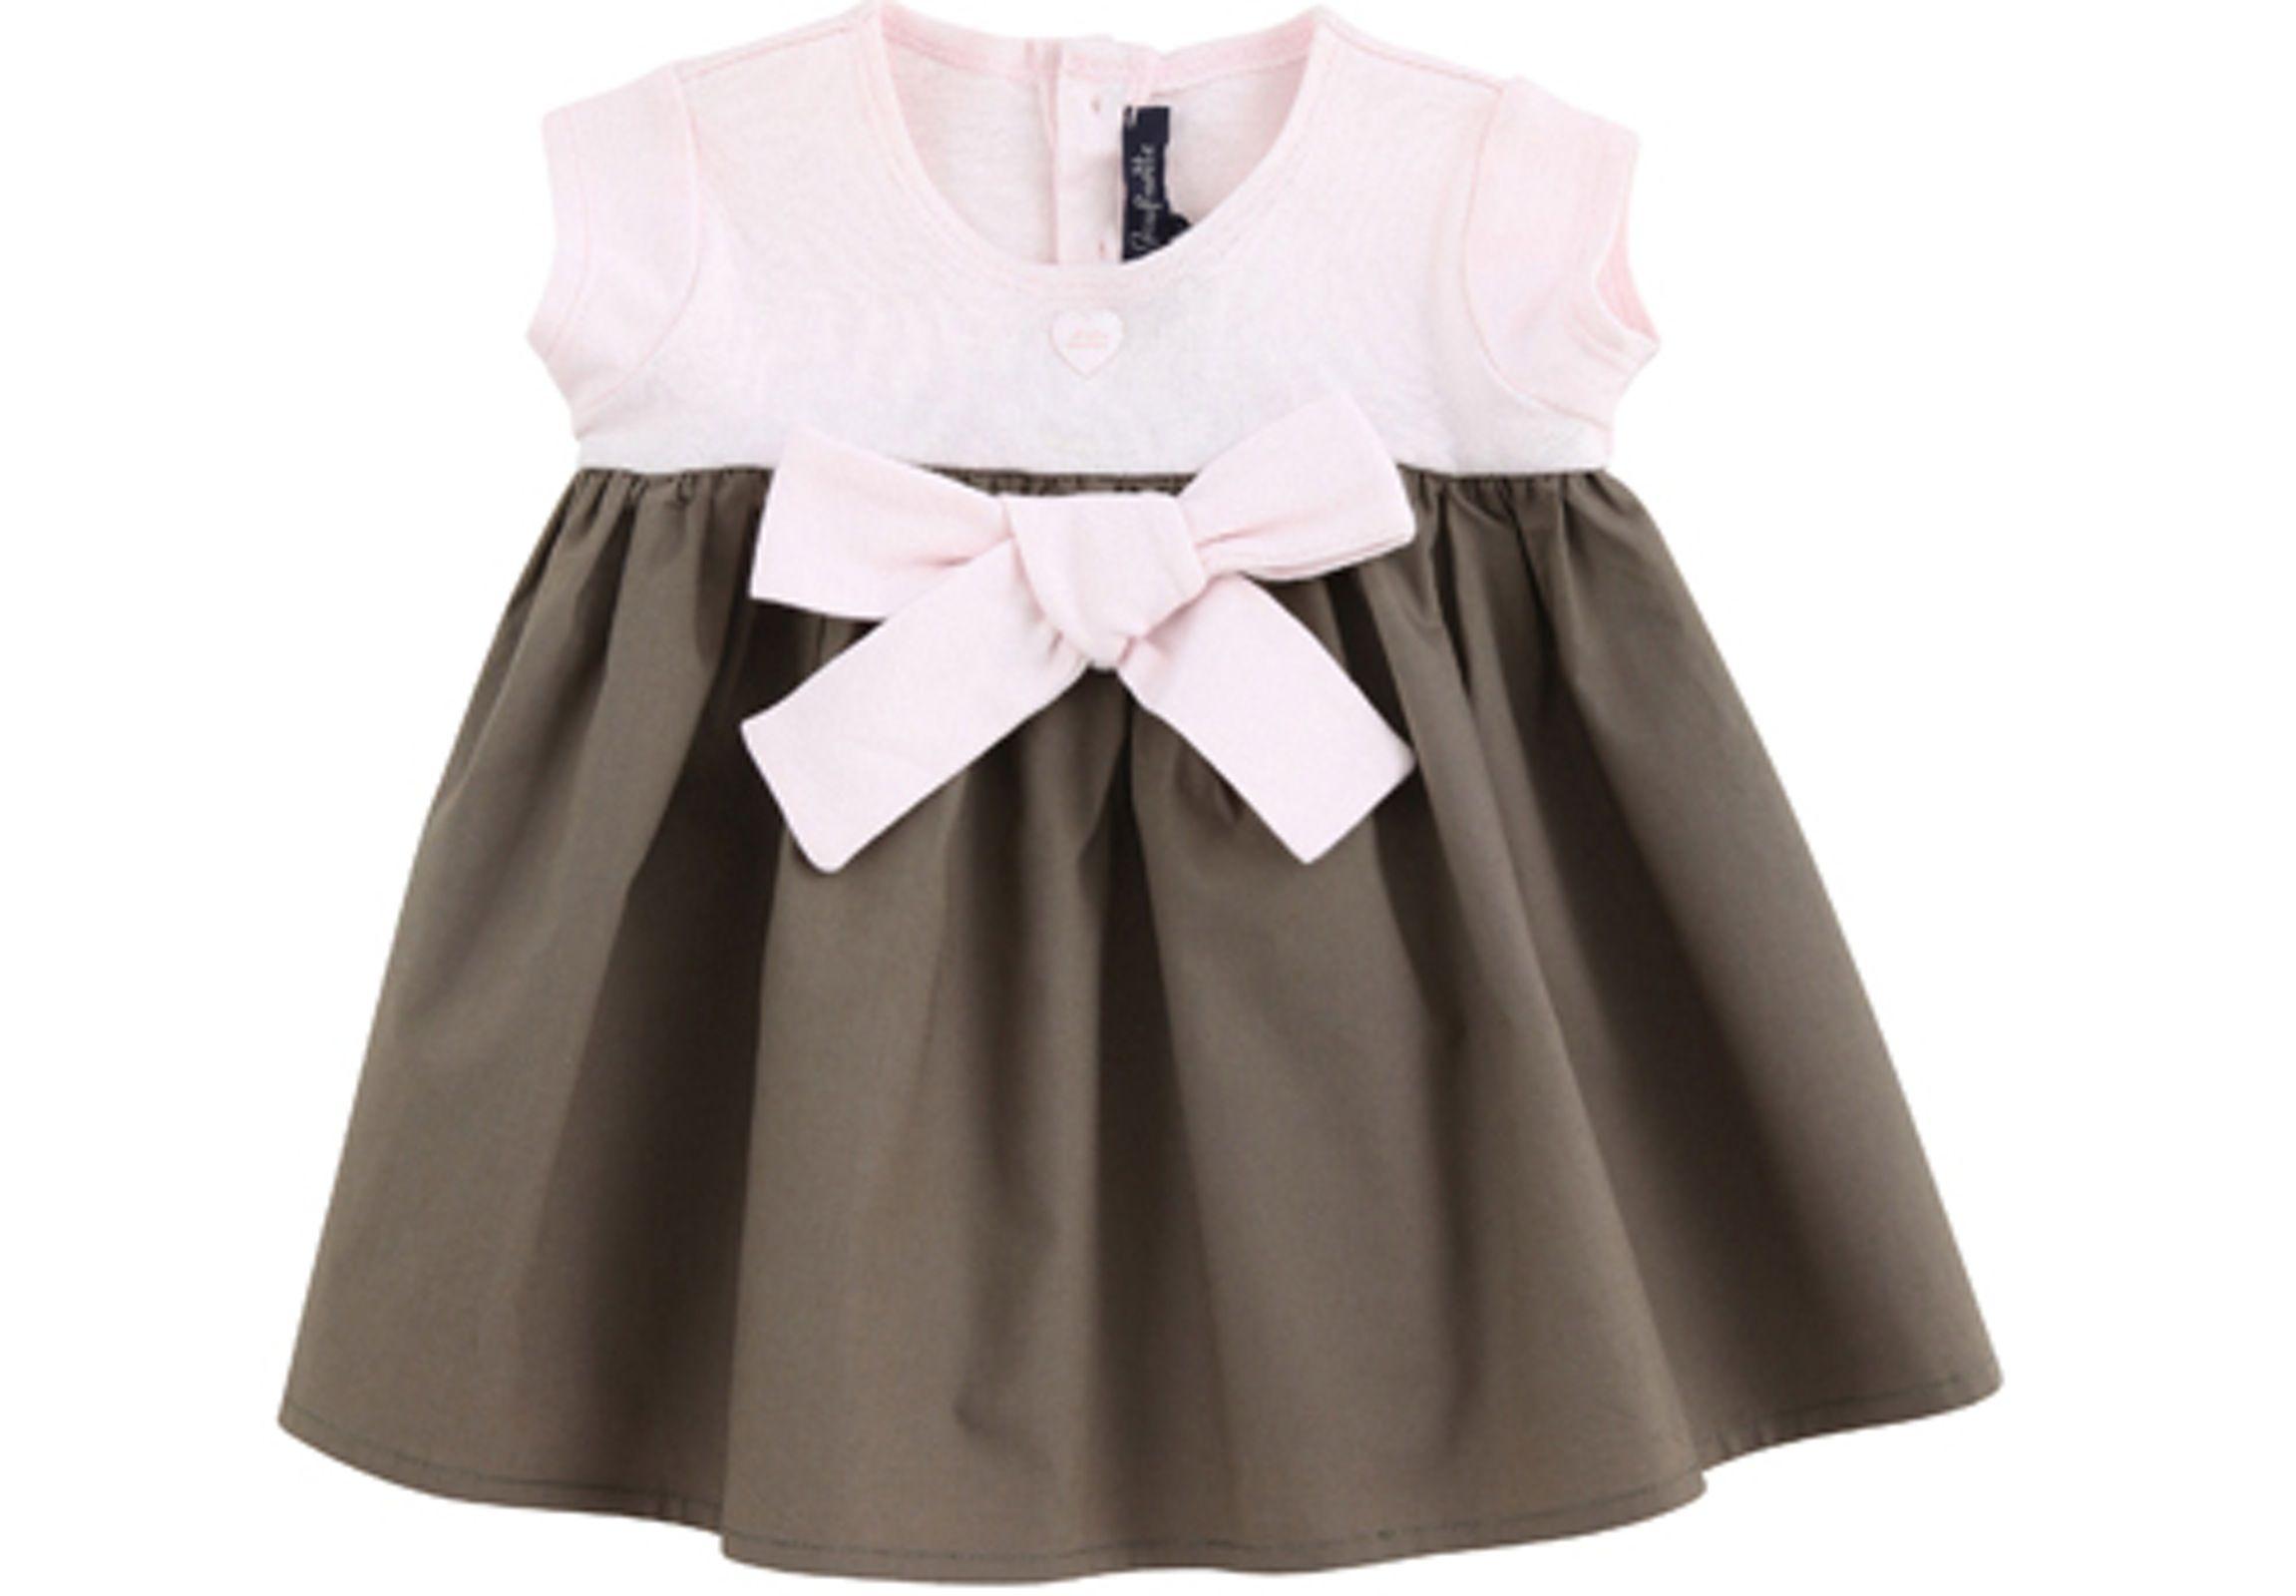 aecf1d23813 Dressing bébé  tendance vestimentaire des bébés